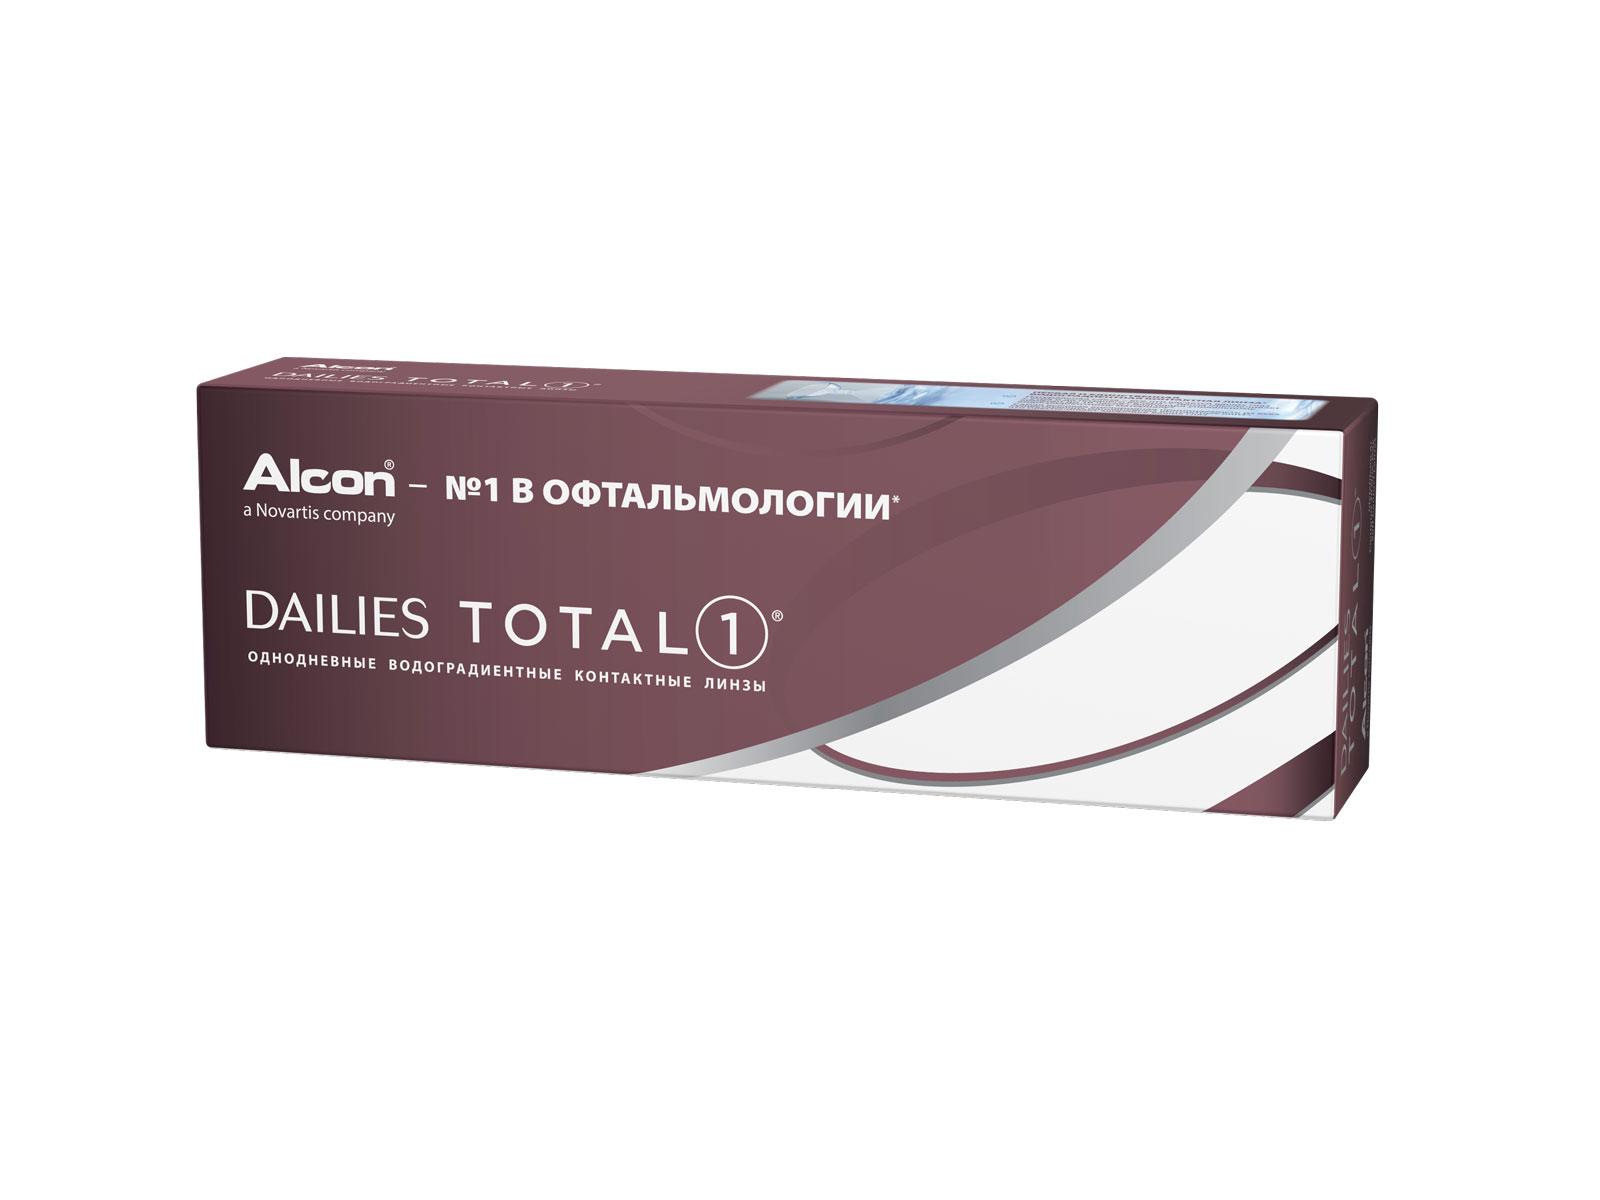 Alcon контактные линзы Dailies Total 1 30pk /+6.00 / 8.5 / 14.1100020744Dailies Total 1 – линзы, которые не чувствуешь с утра и до поздного вечера. Эти однодневные контактные линзы выполнены из уникального водоградиентного материала, багодаря которому натуральная слеза – это все, что касается ваших глаз. Почти 100% влаги на поверхности обеспечивают непревзойденный комфорт до 16 часов ношения.